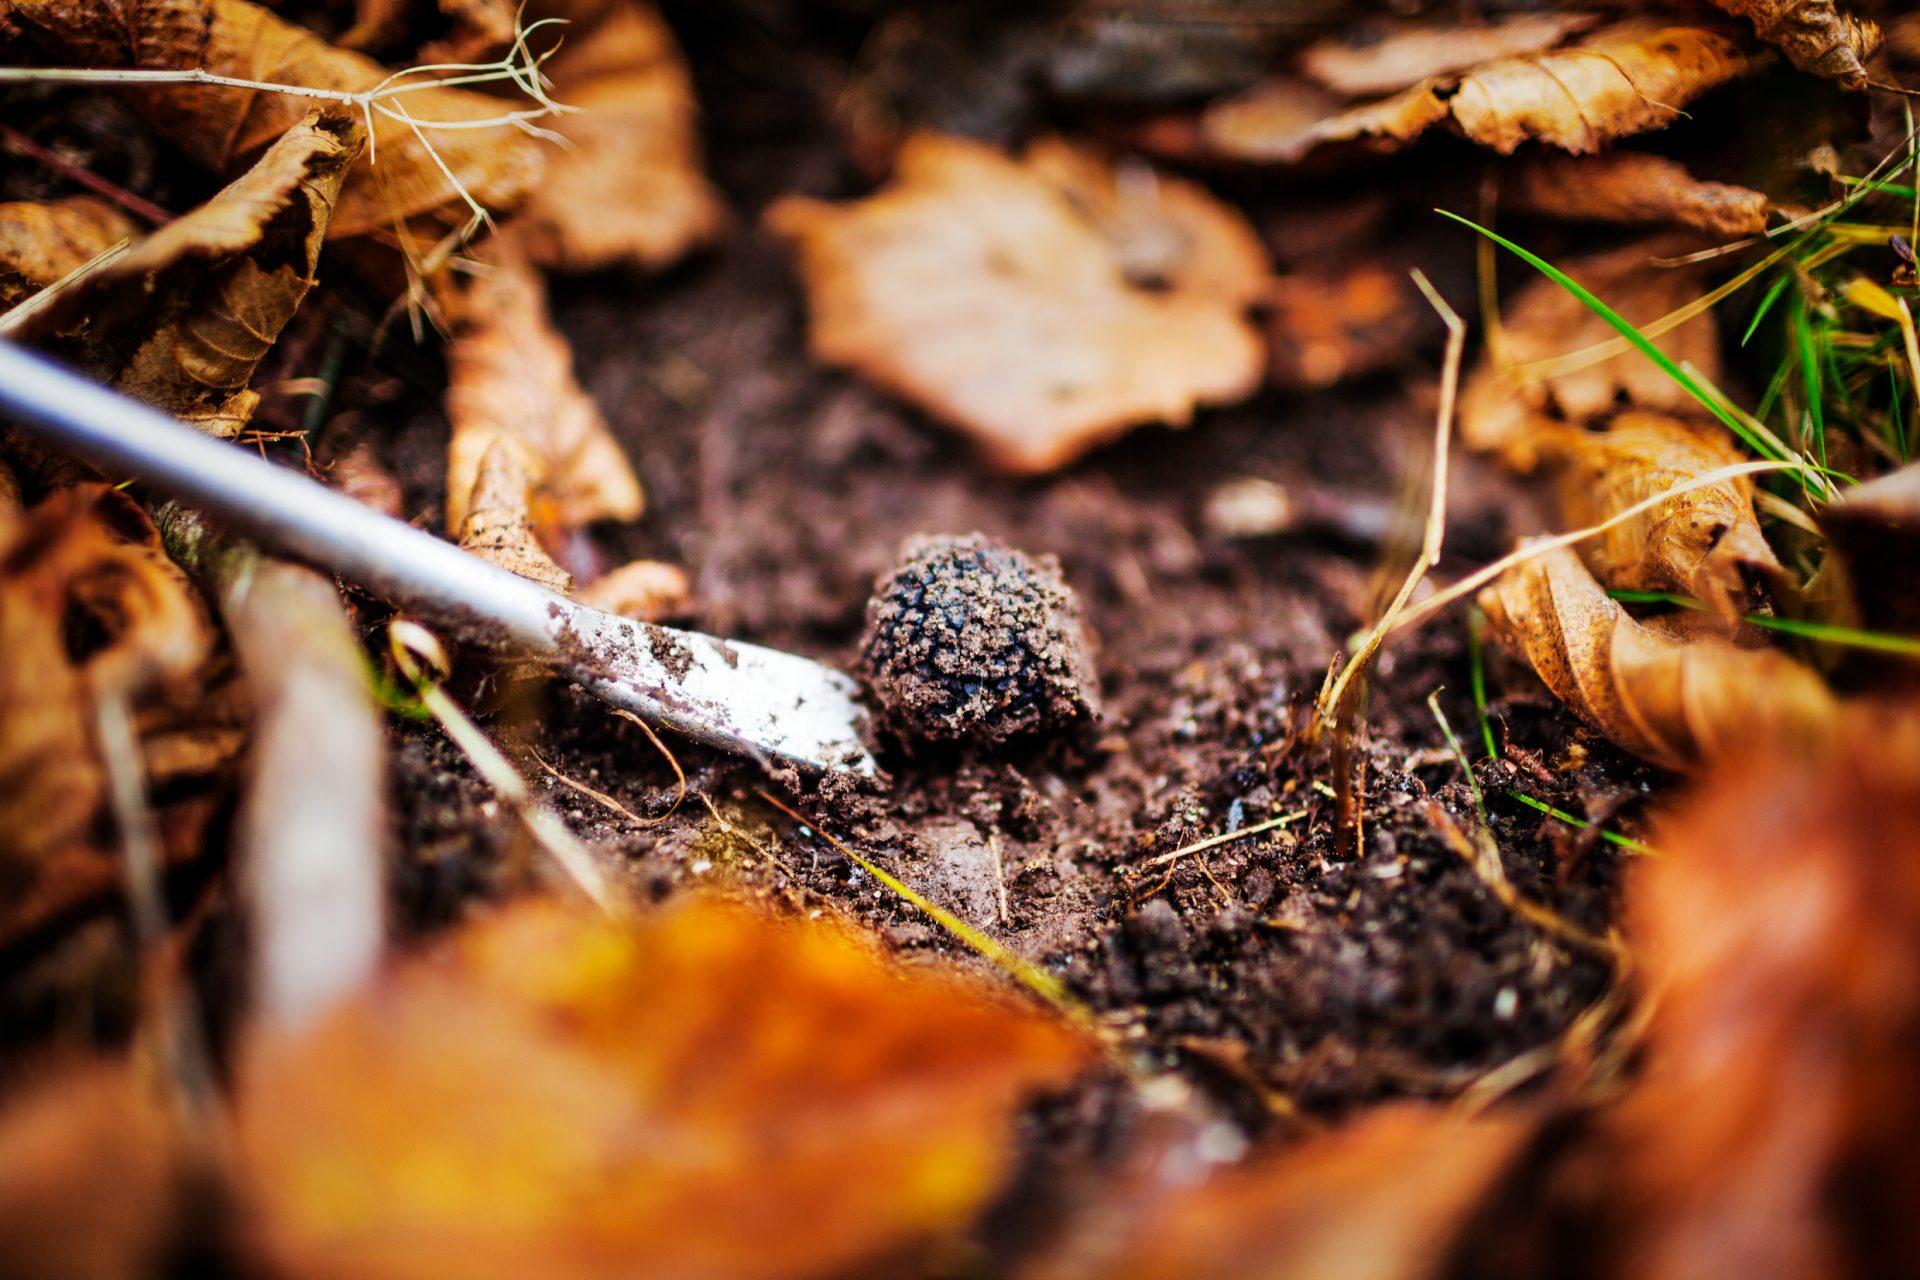 simon_paulin-truffle_hunt-3965